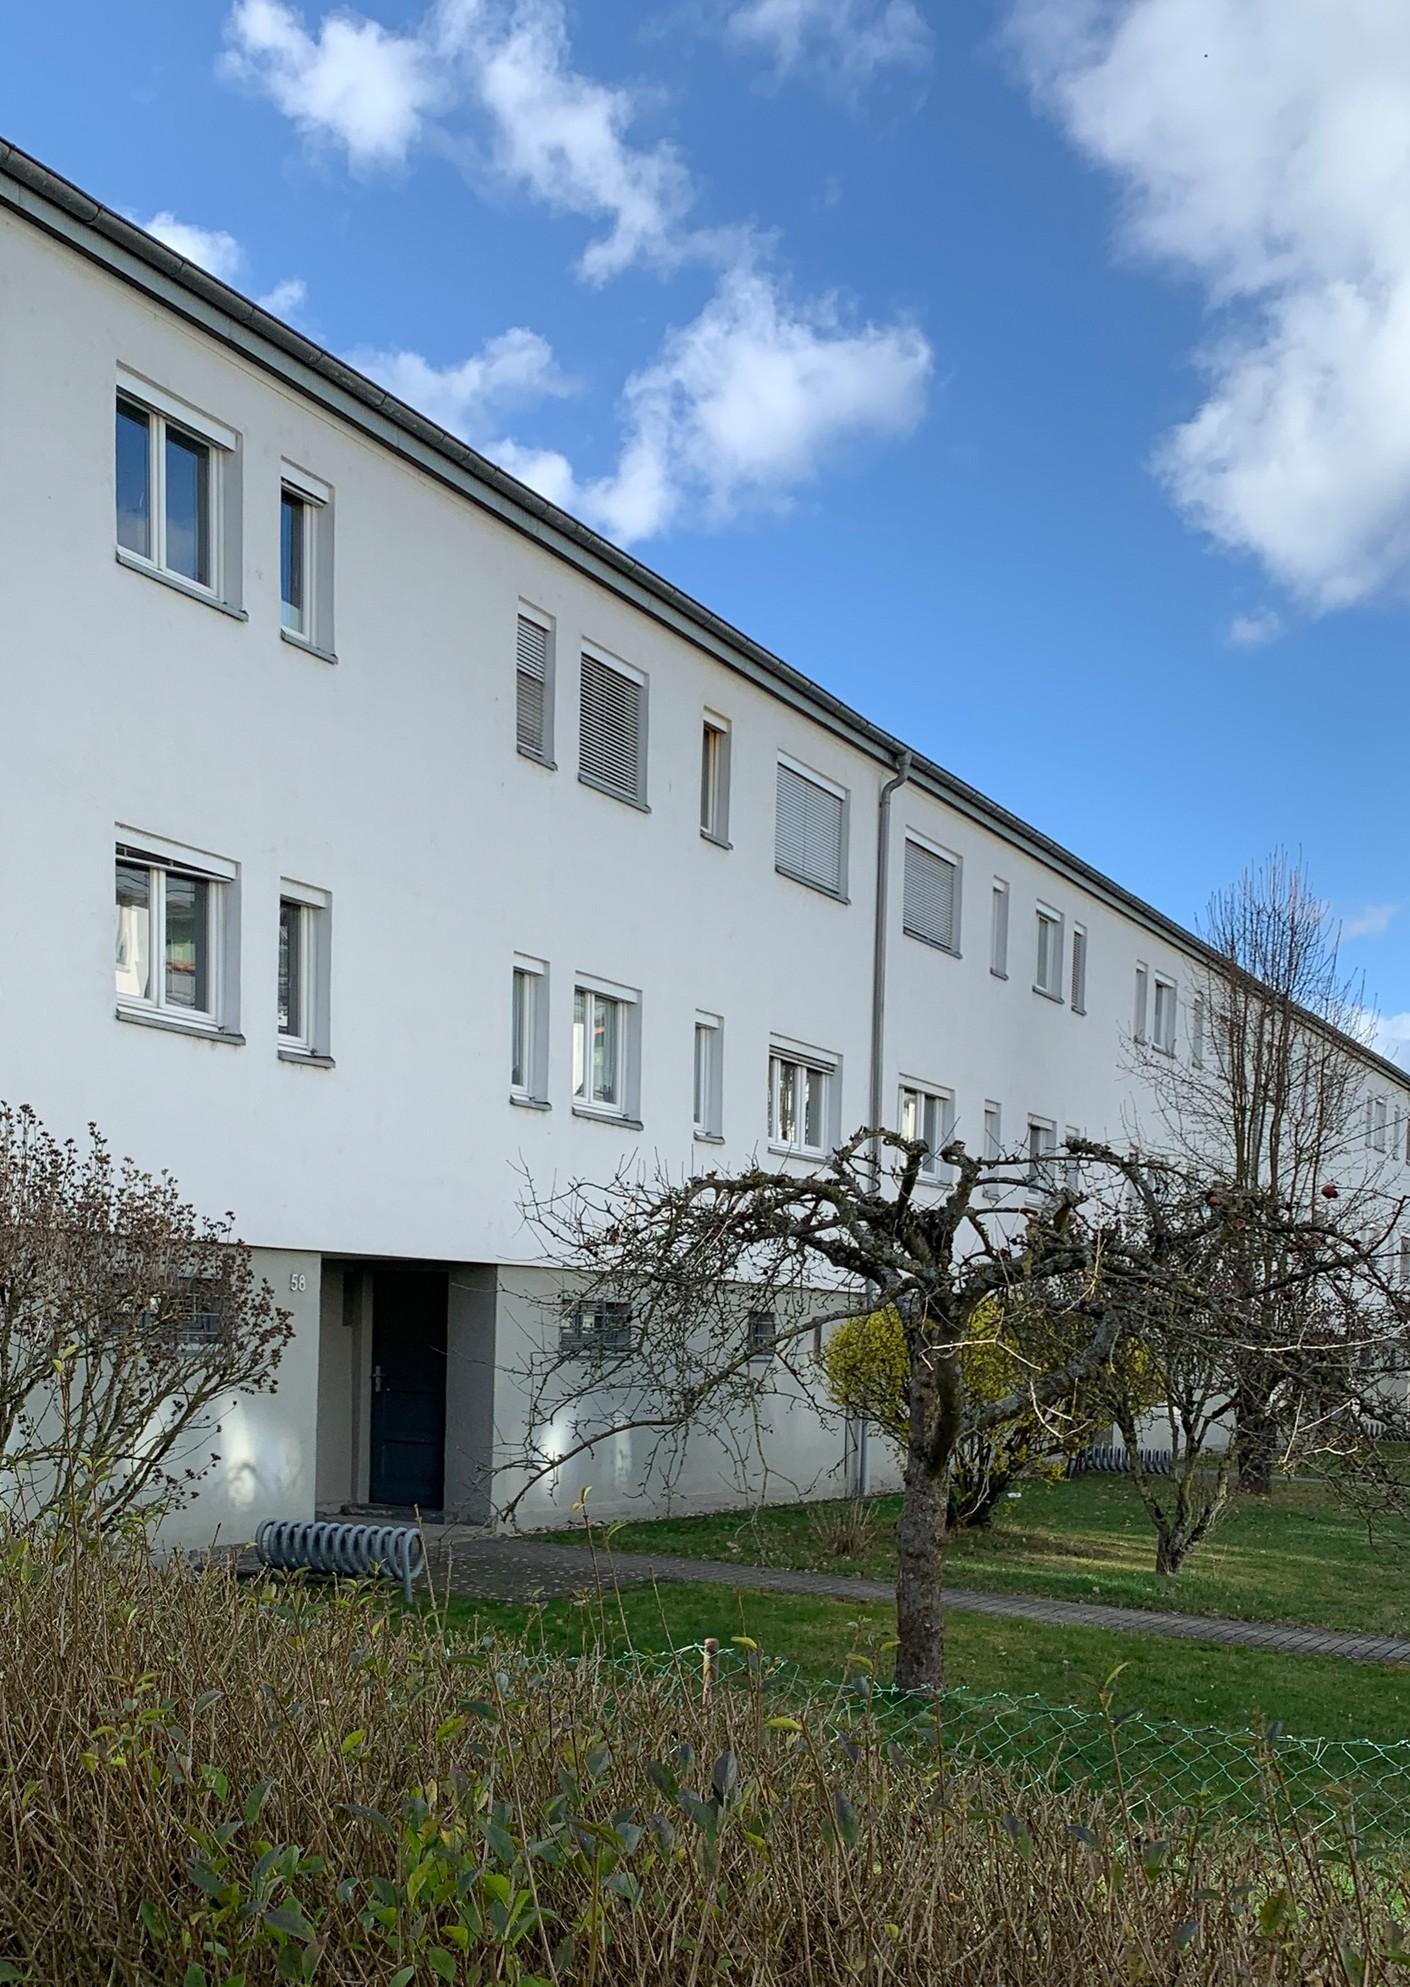 Dammerstock Estate, 1928-1929. Architect: Franz Roeckle